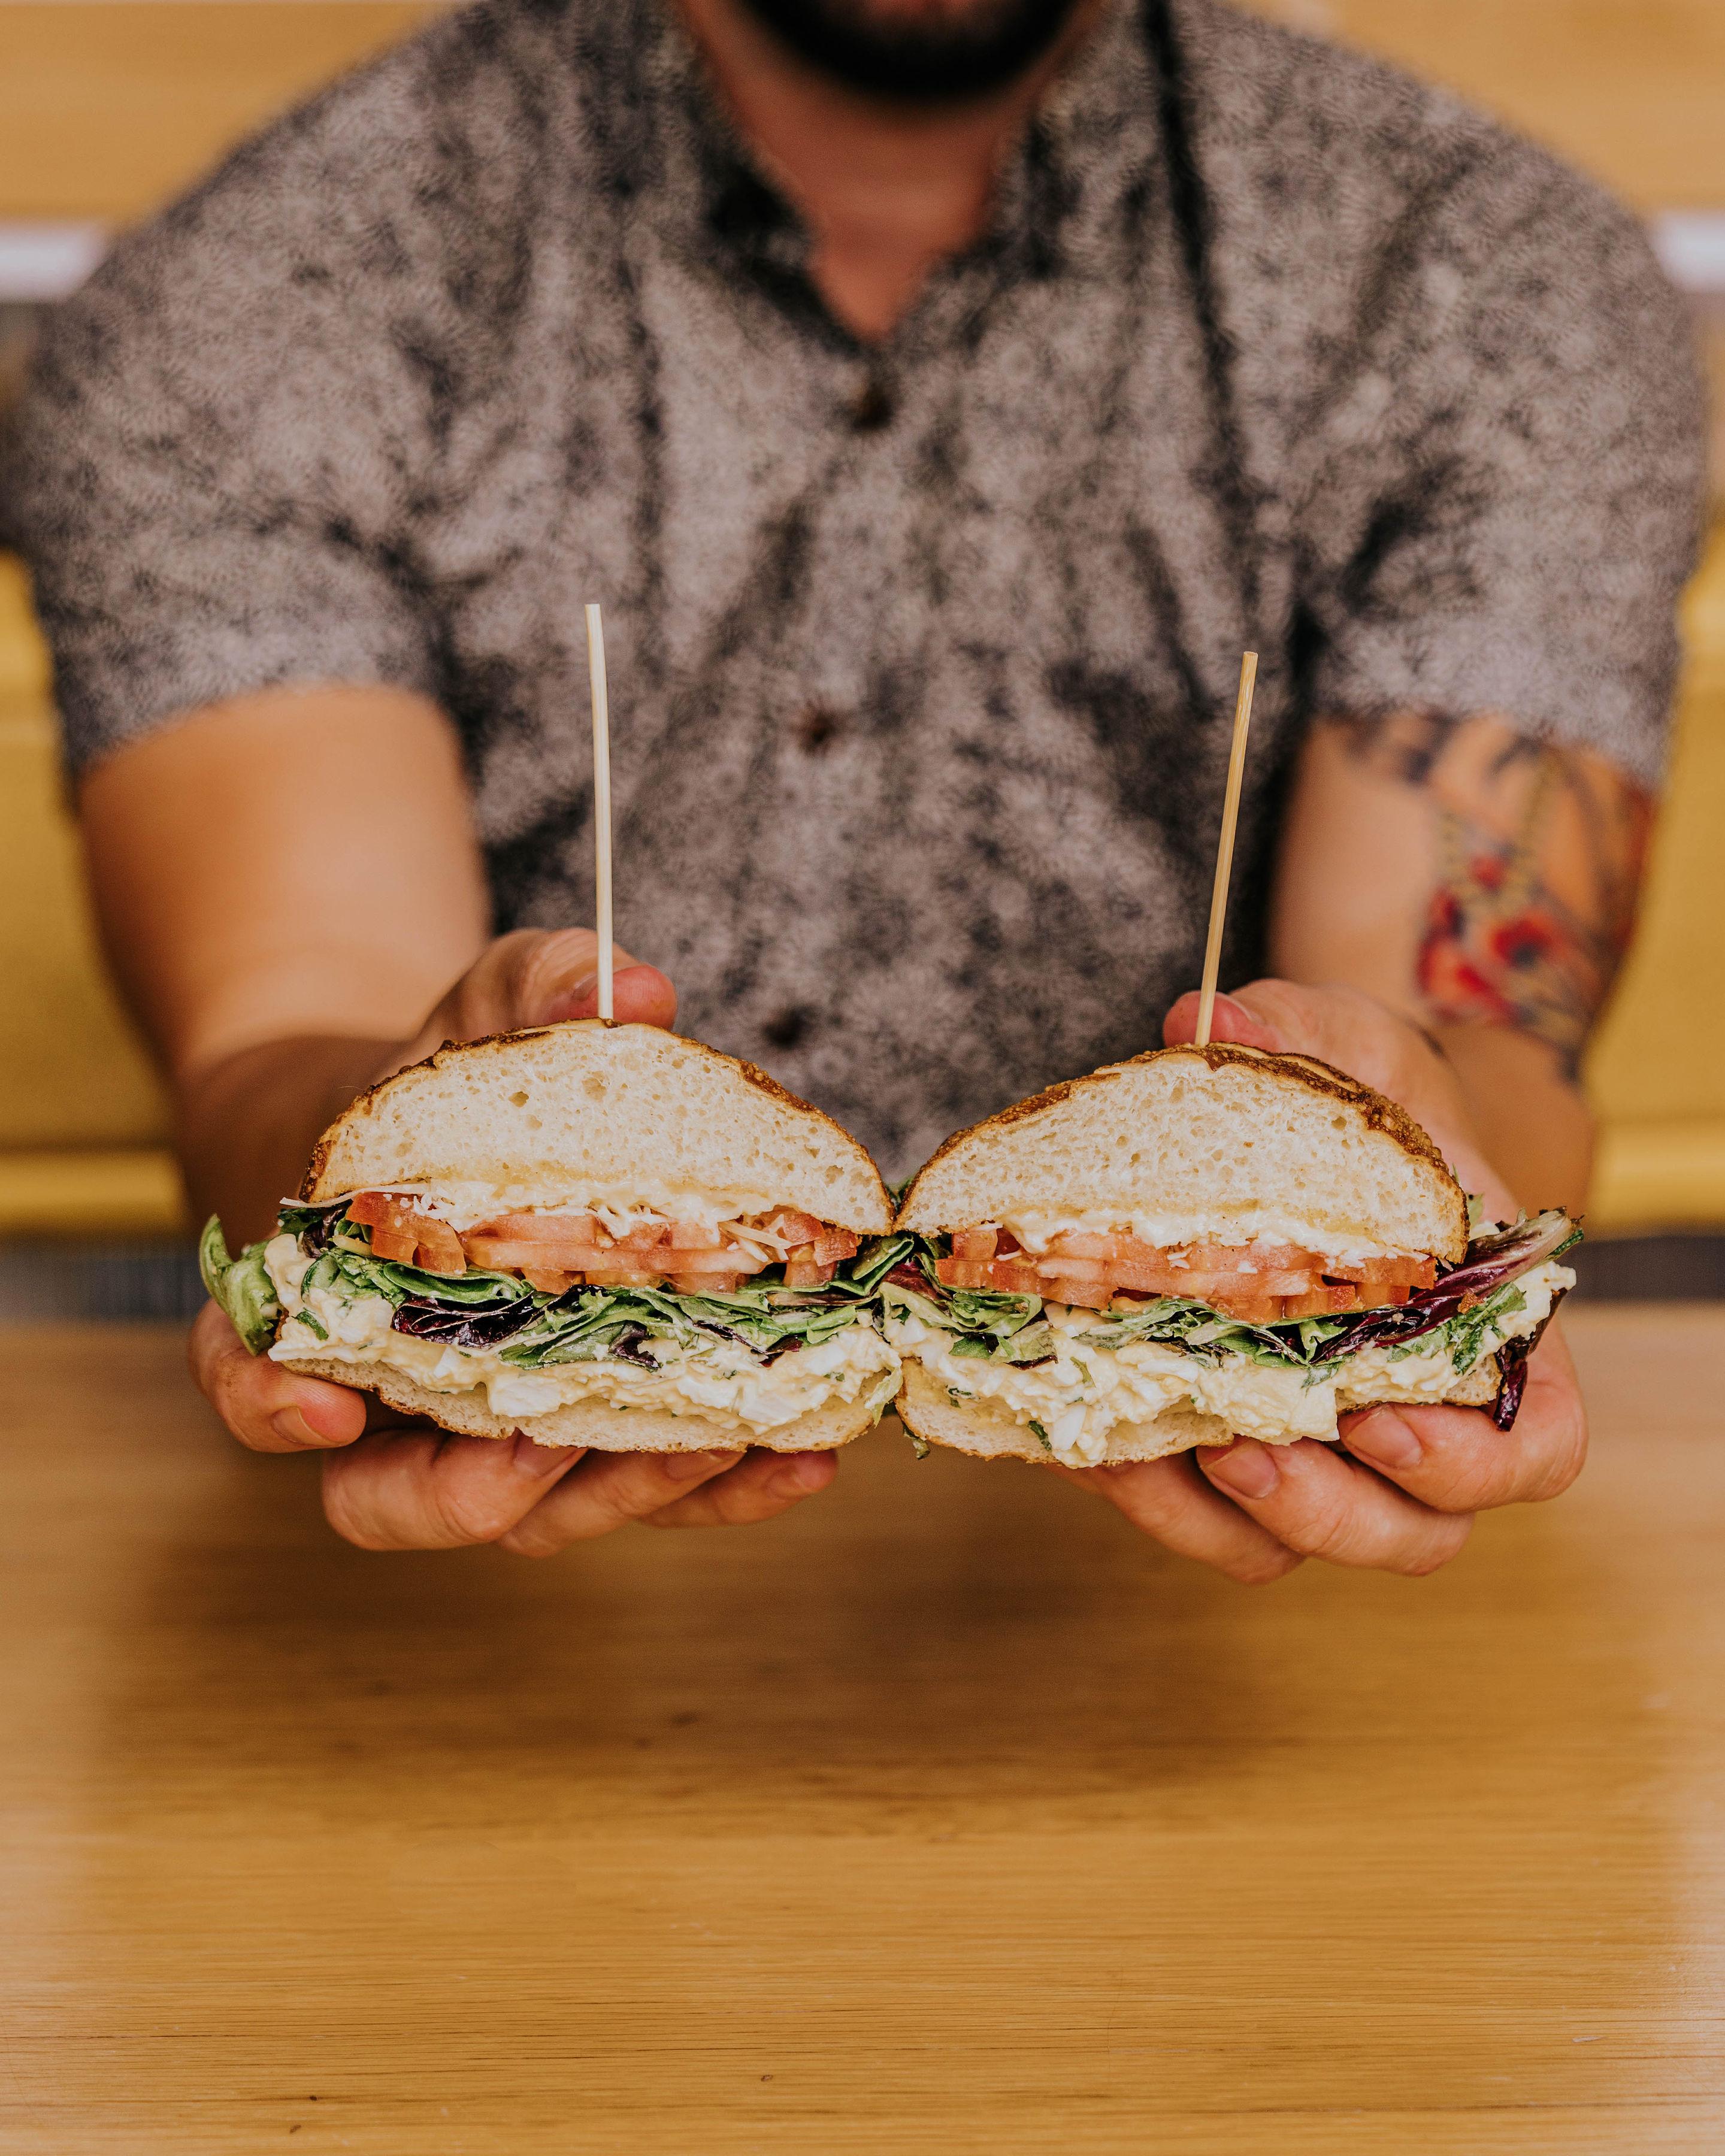 当地食品店的松露蛋三明治